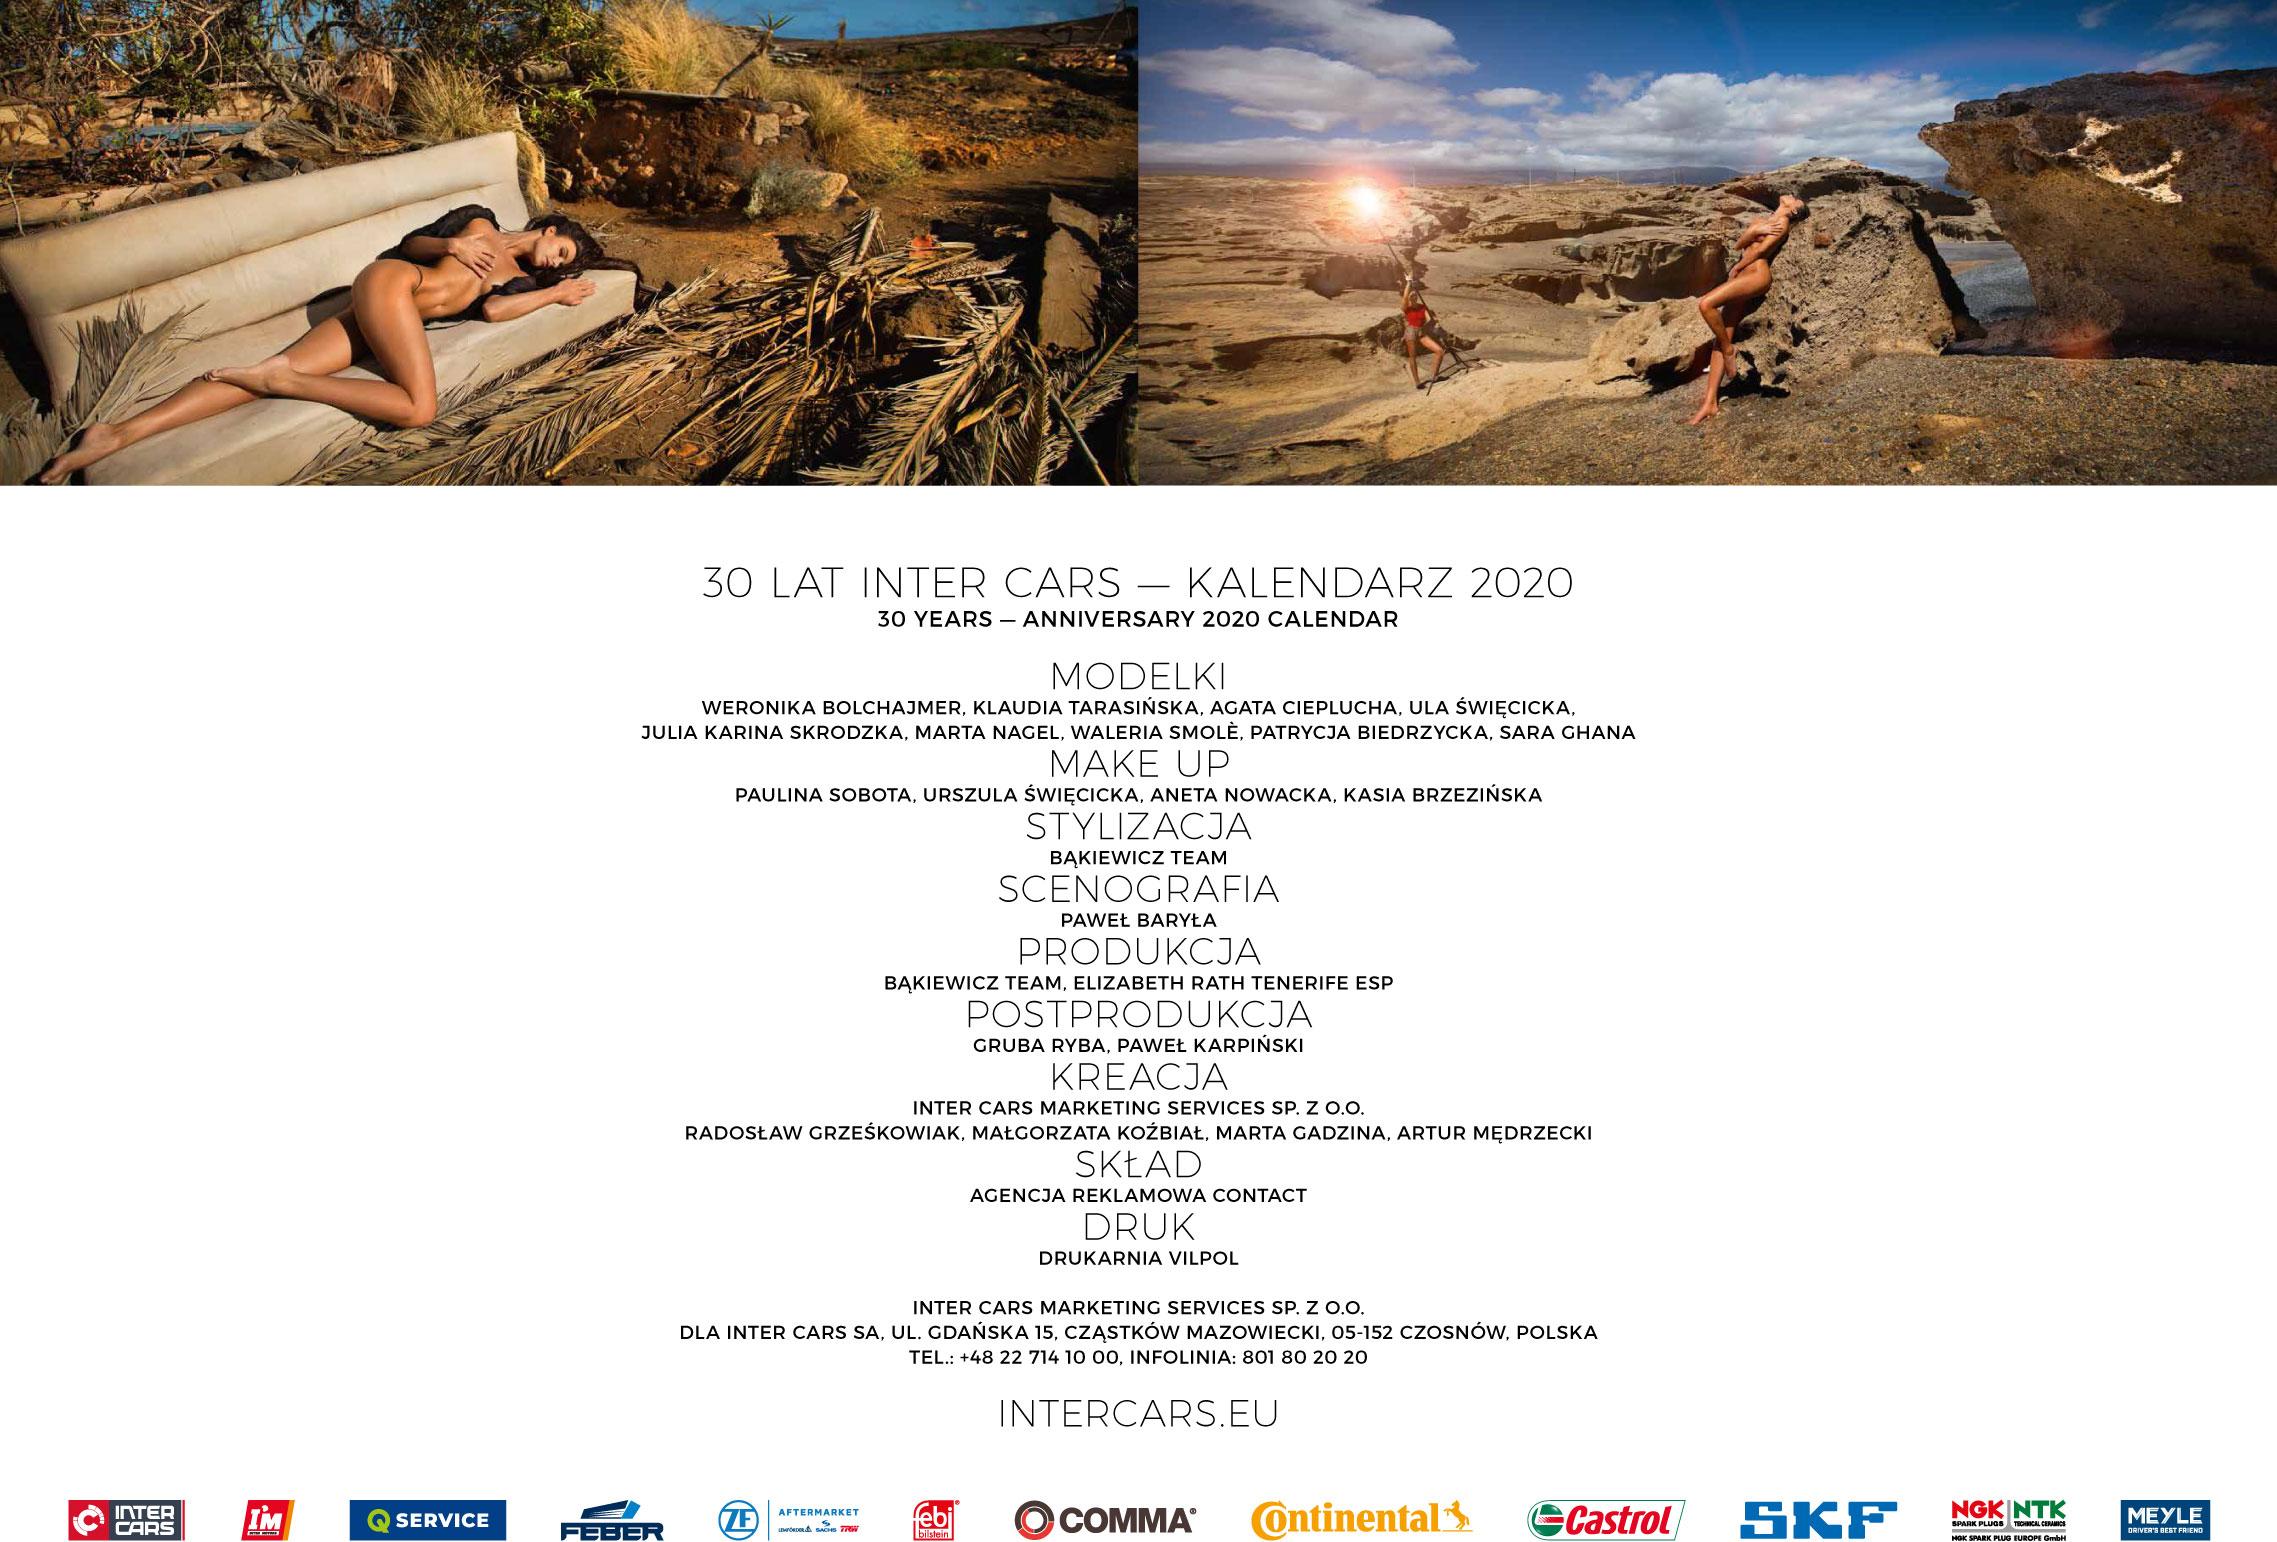 Сексуальные фотомодели в эротическом календаре Inter Cars 2020 / задняя обложка